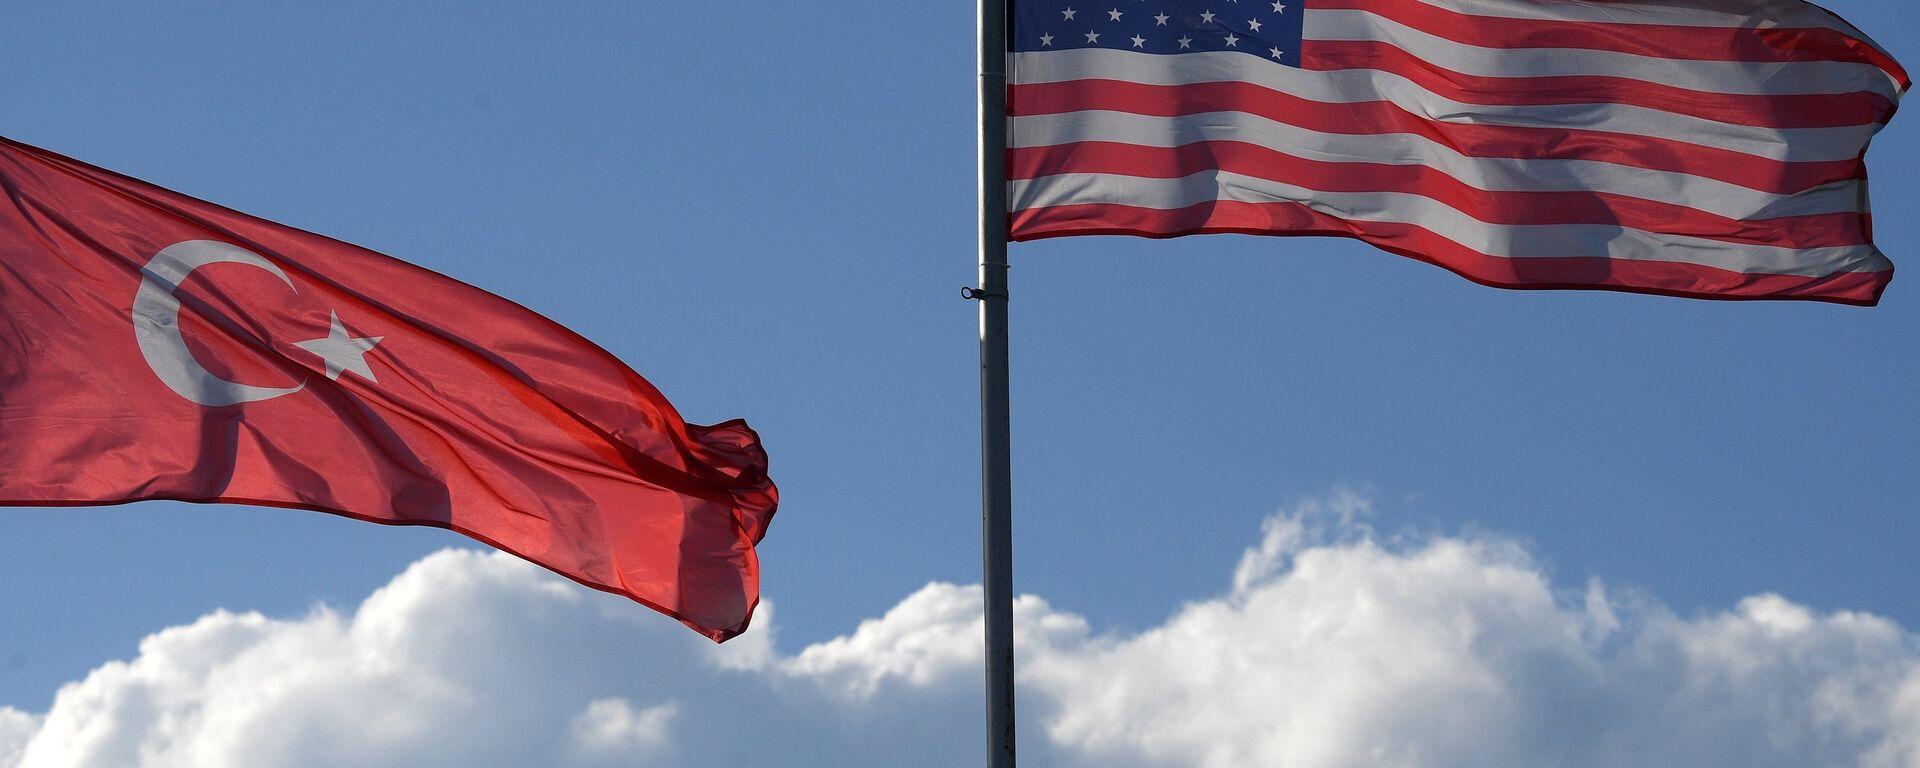 Las banderas de Turquía y EEUU - Sputnik Mundo, 1920, 04.02.2021